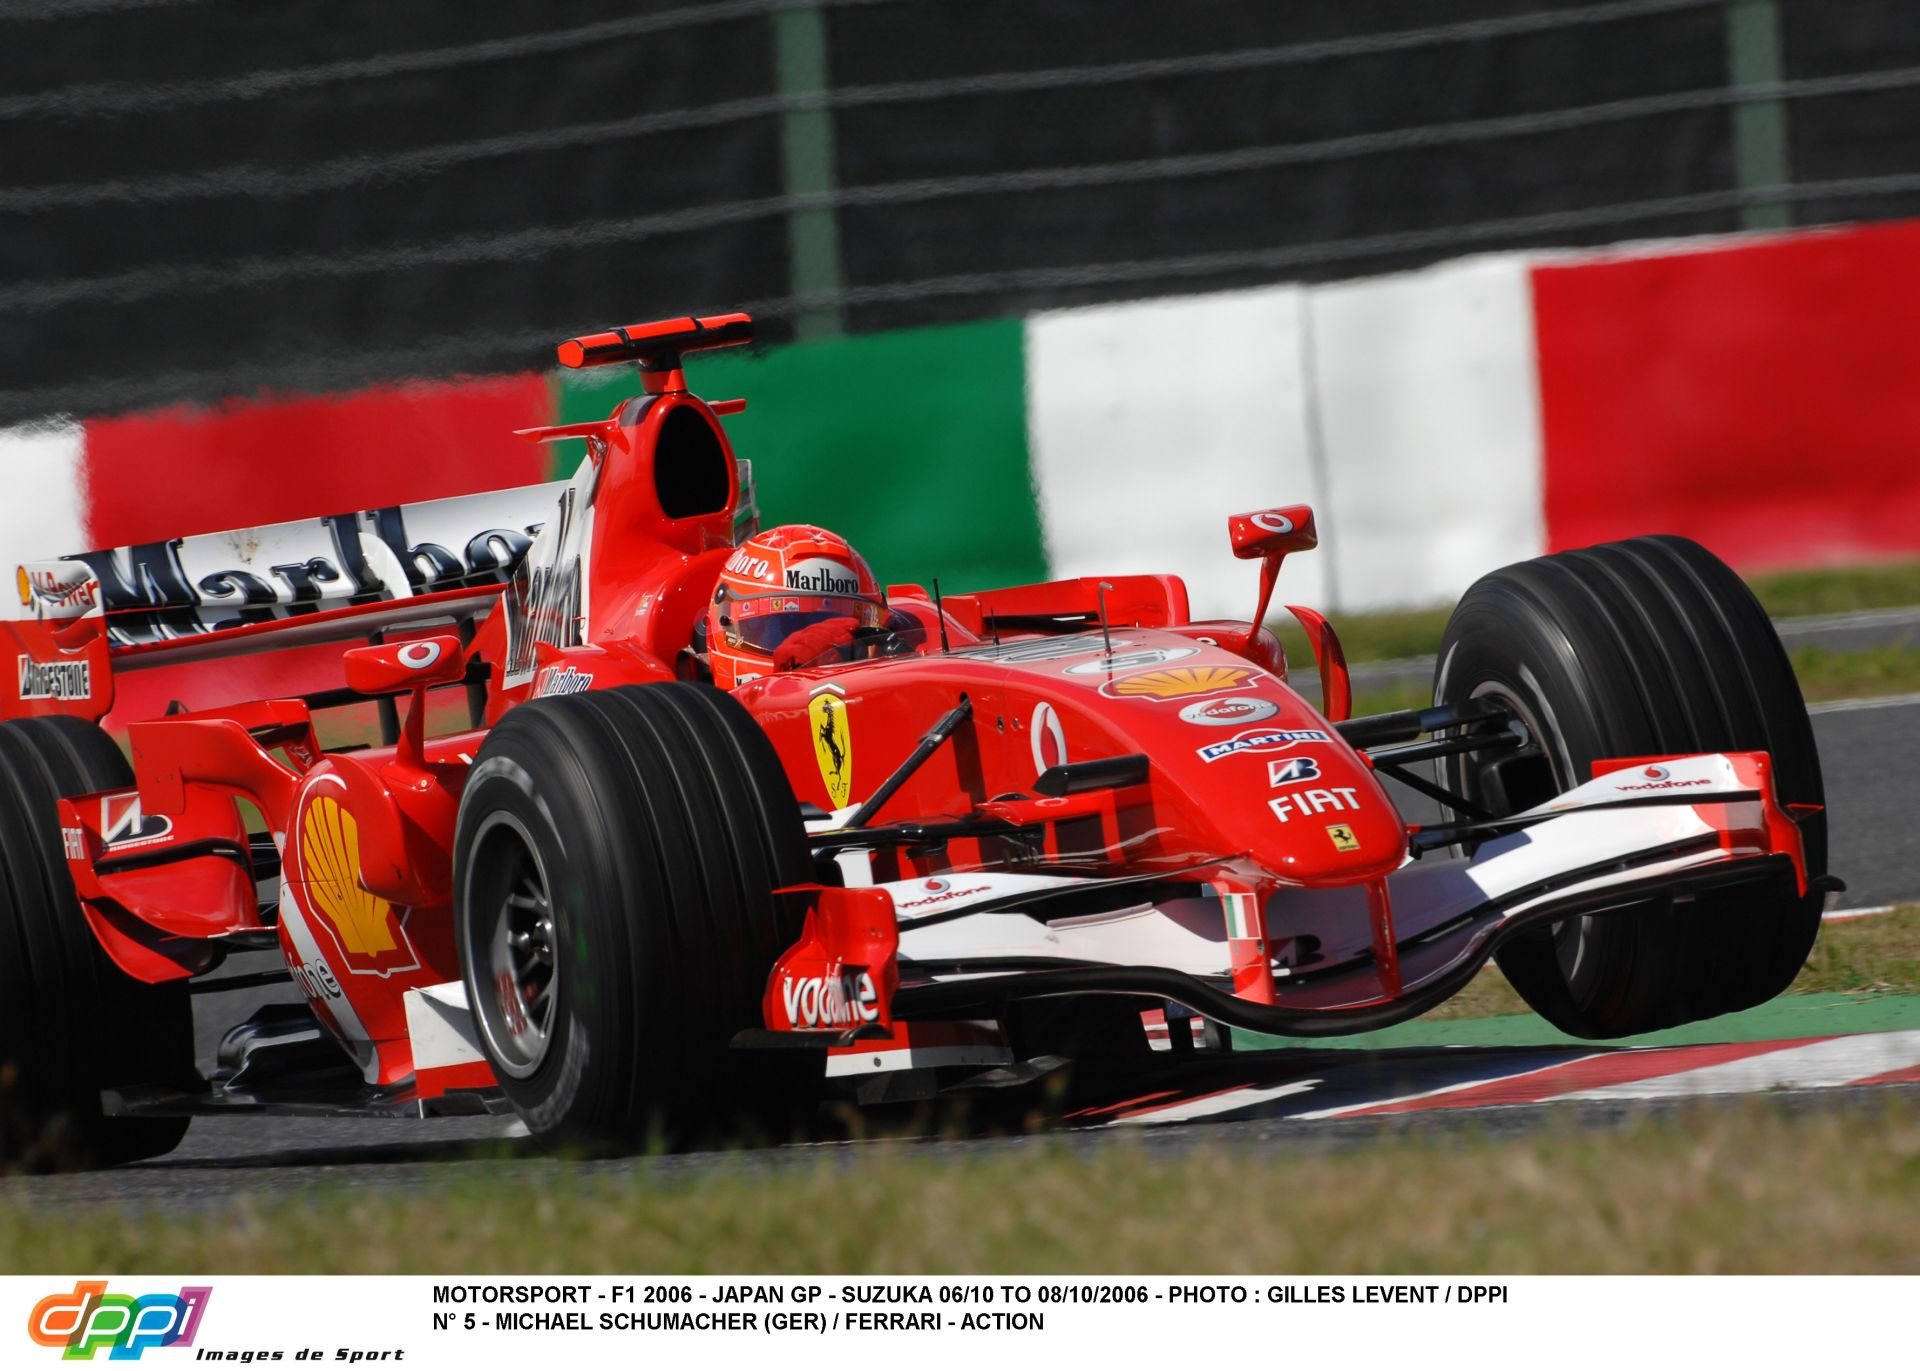 Pályabejárás Schumacherrel és a 2006-os Ferrarival Suzukában